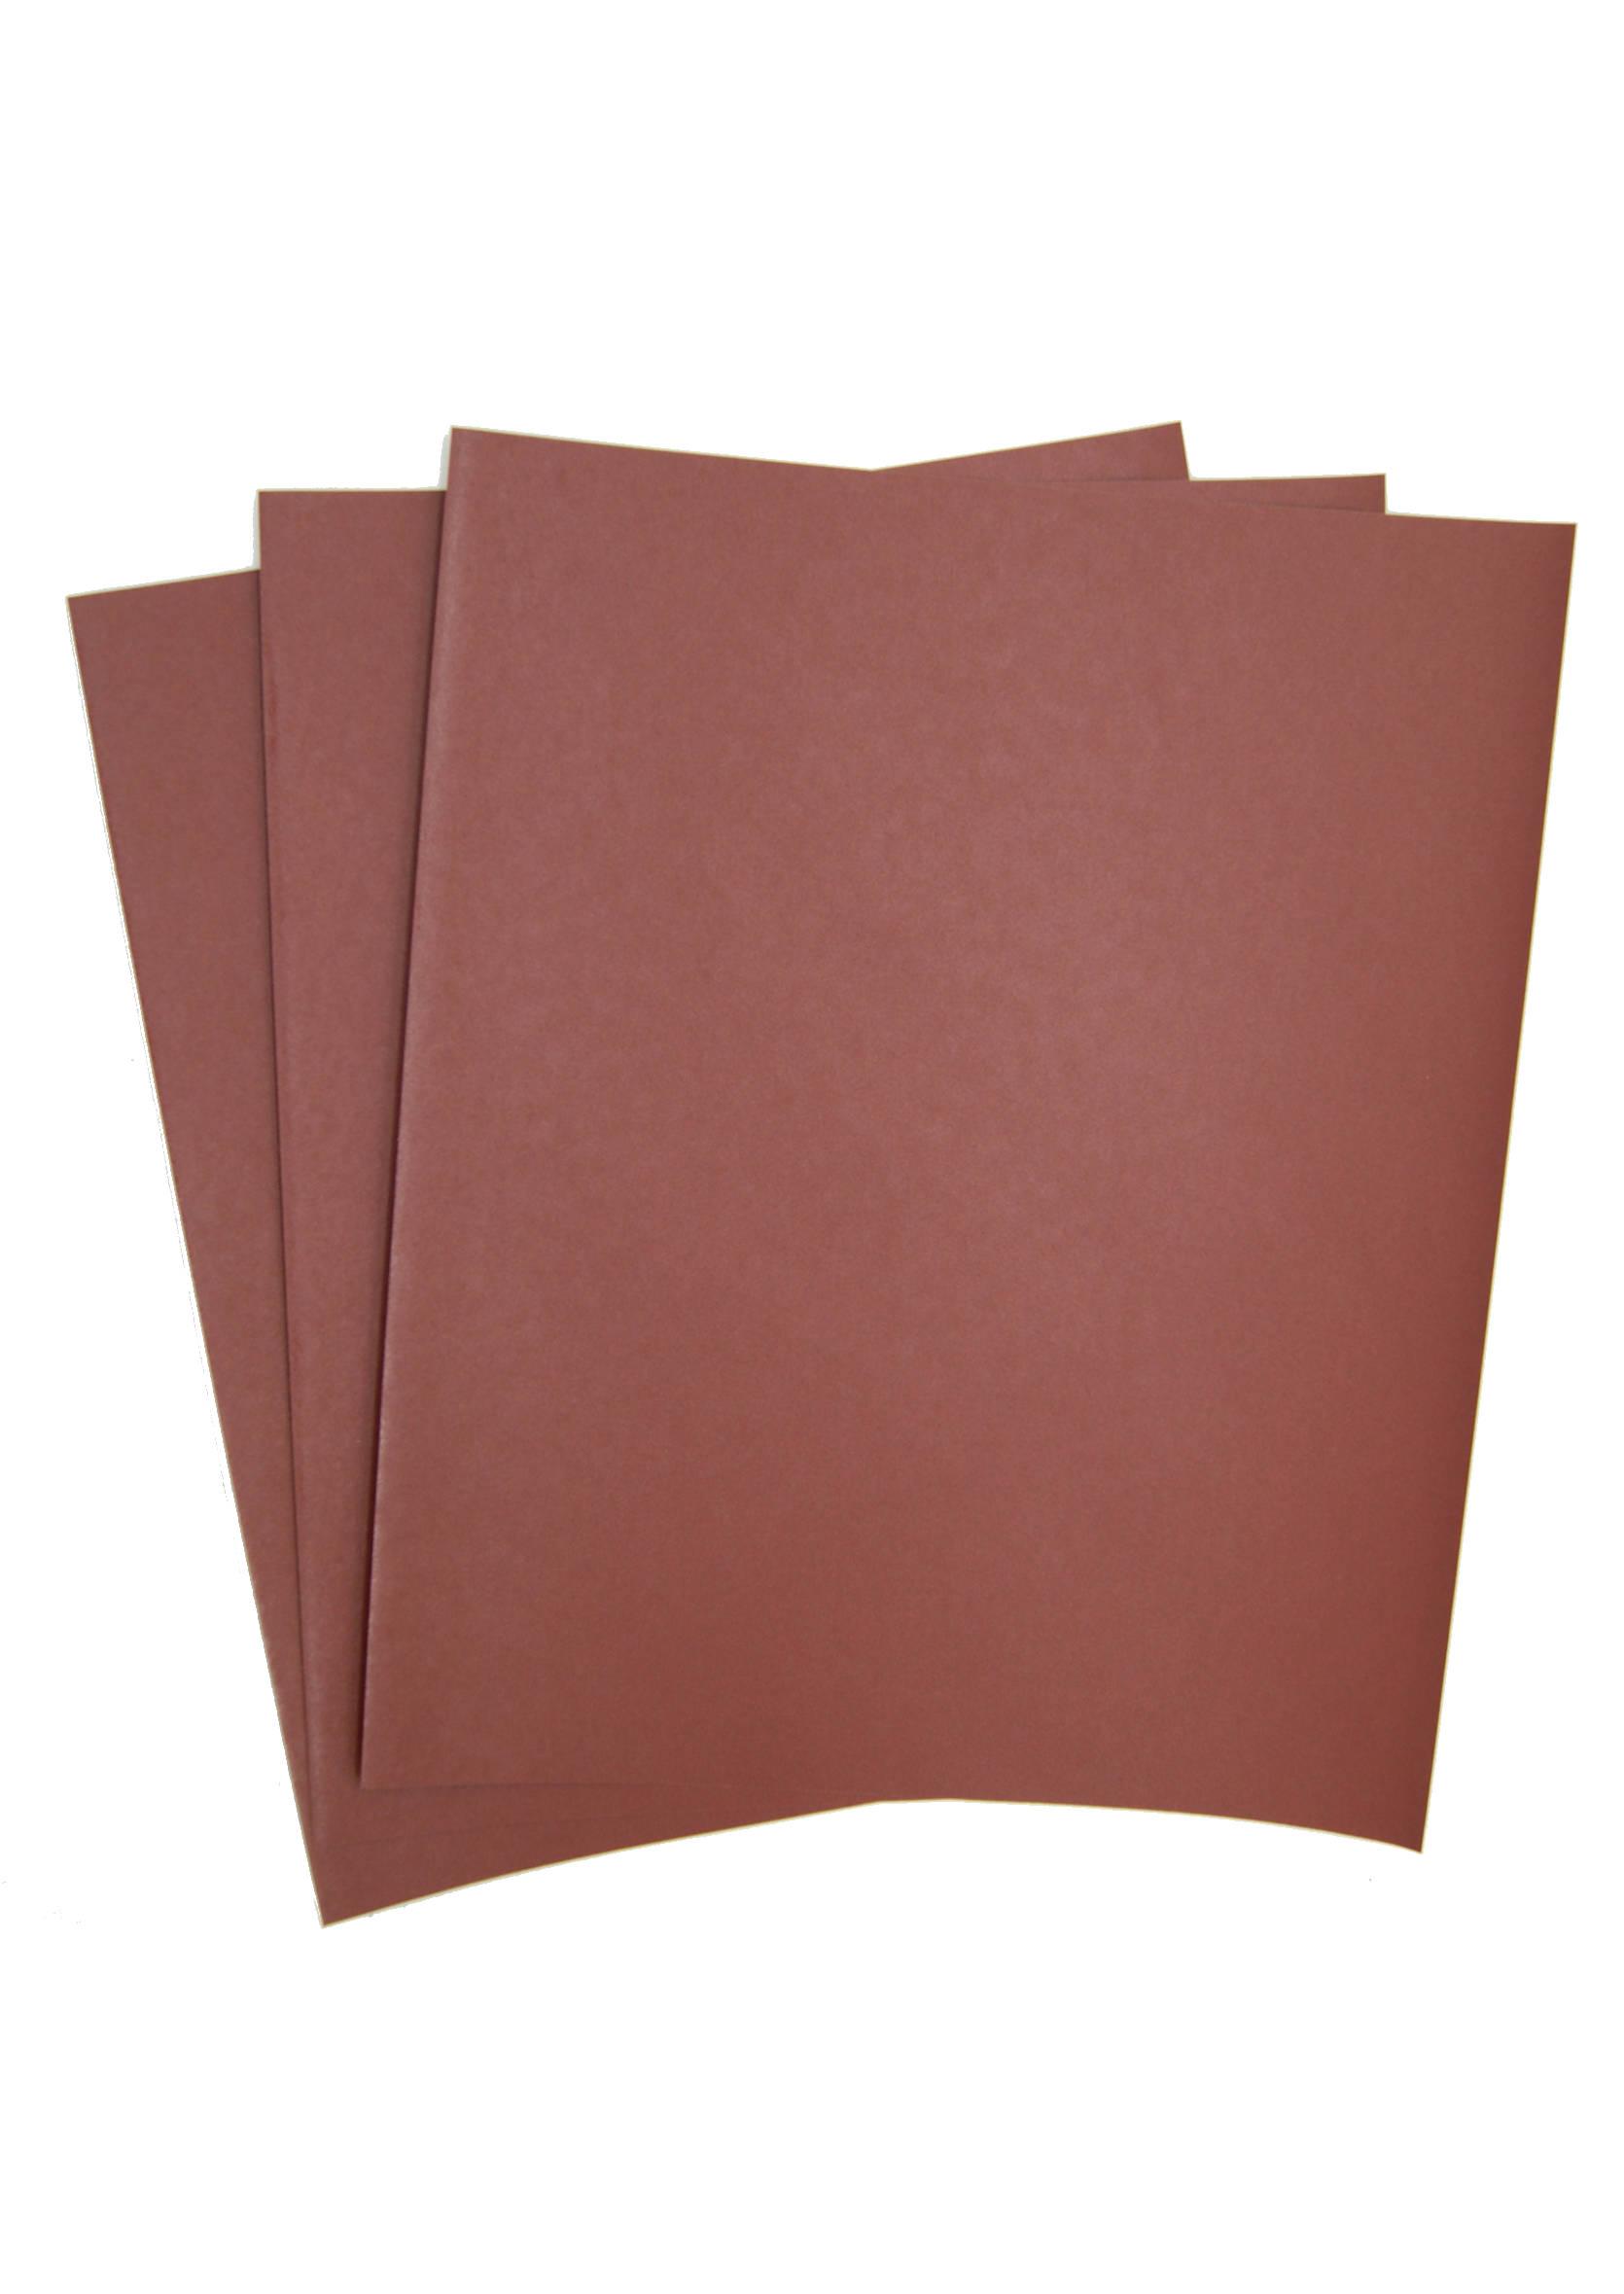 Wodny Papier Ścierny 2000 Indasa Red Line 23x28 cm